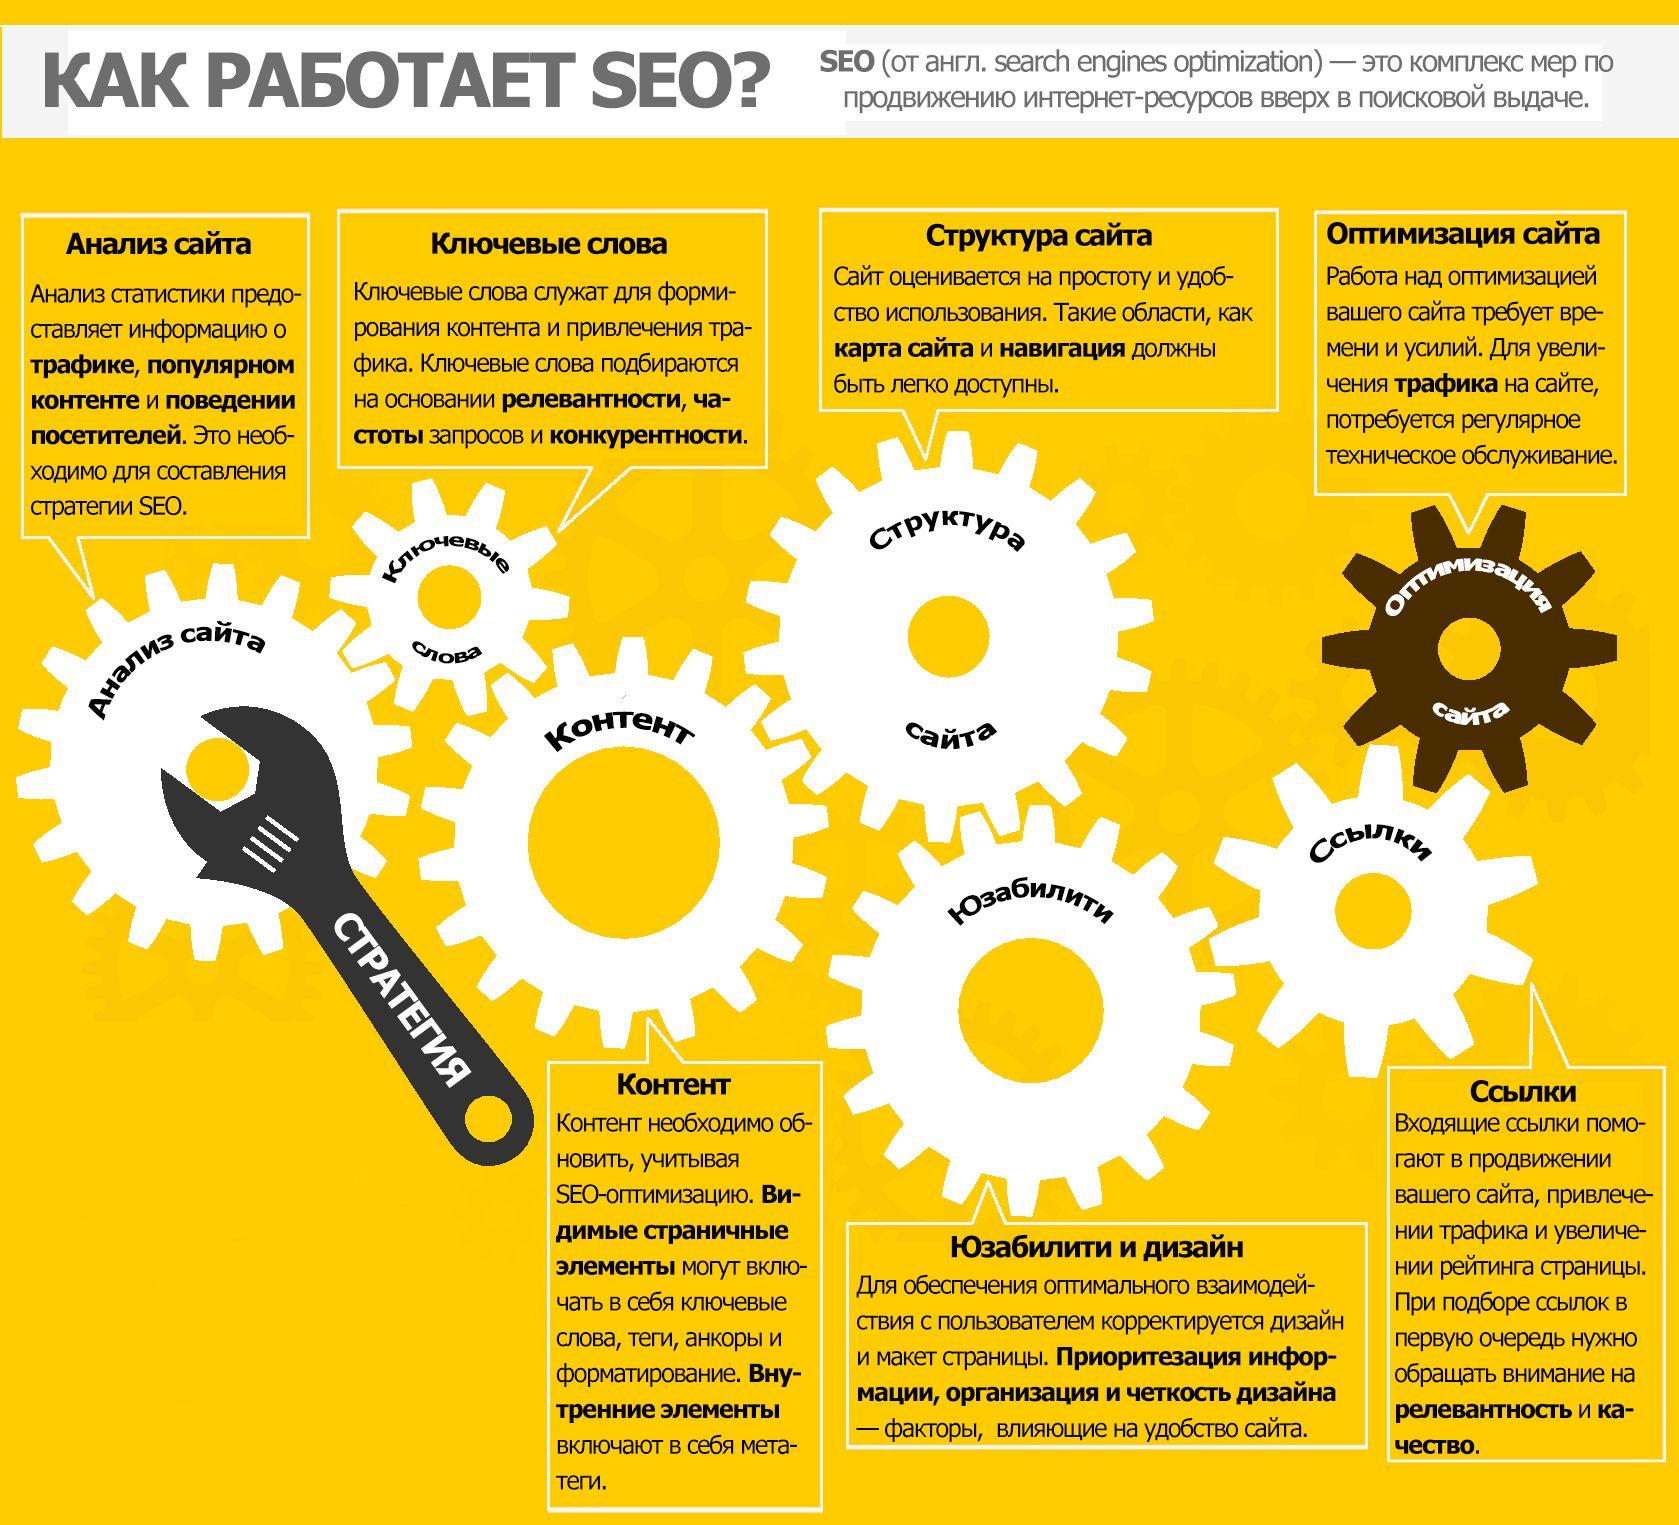 Оптимизация и продвижение сайтов что это компания торус официальный сайт